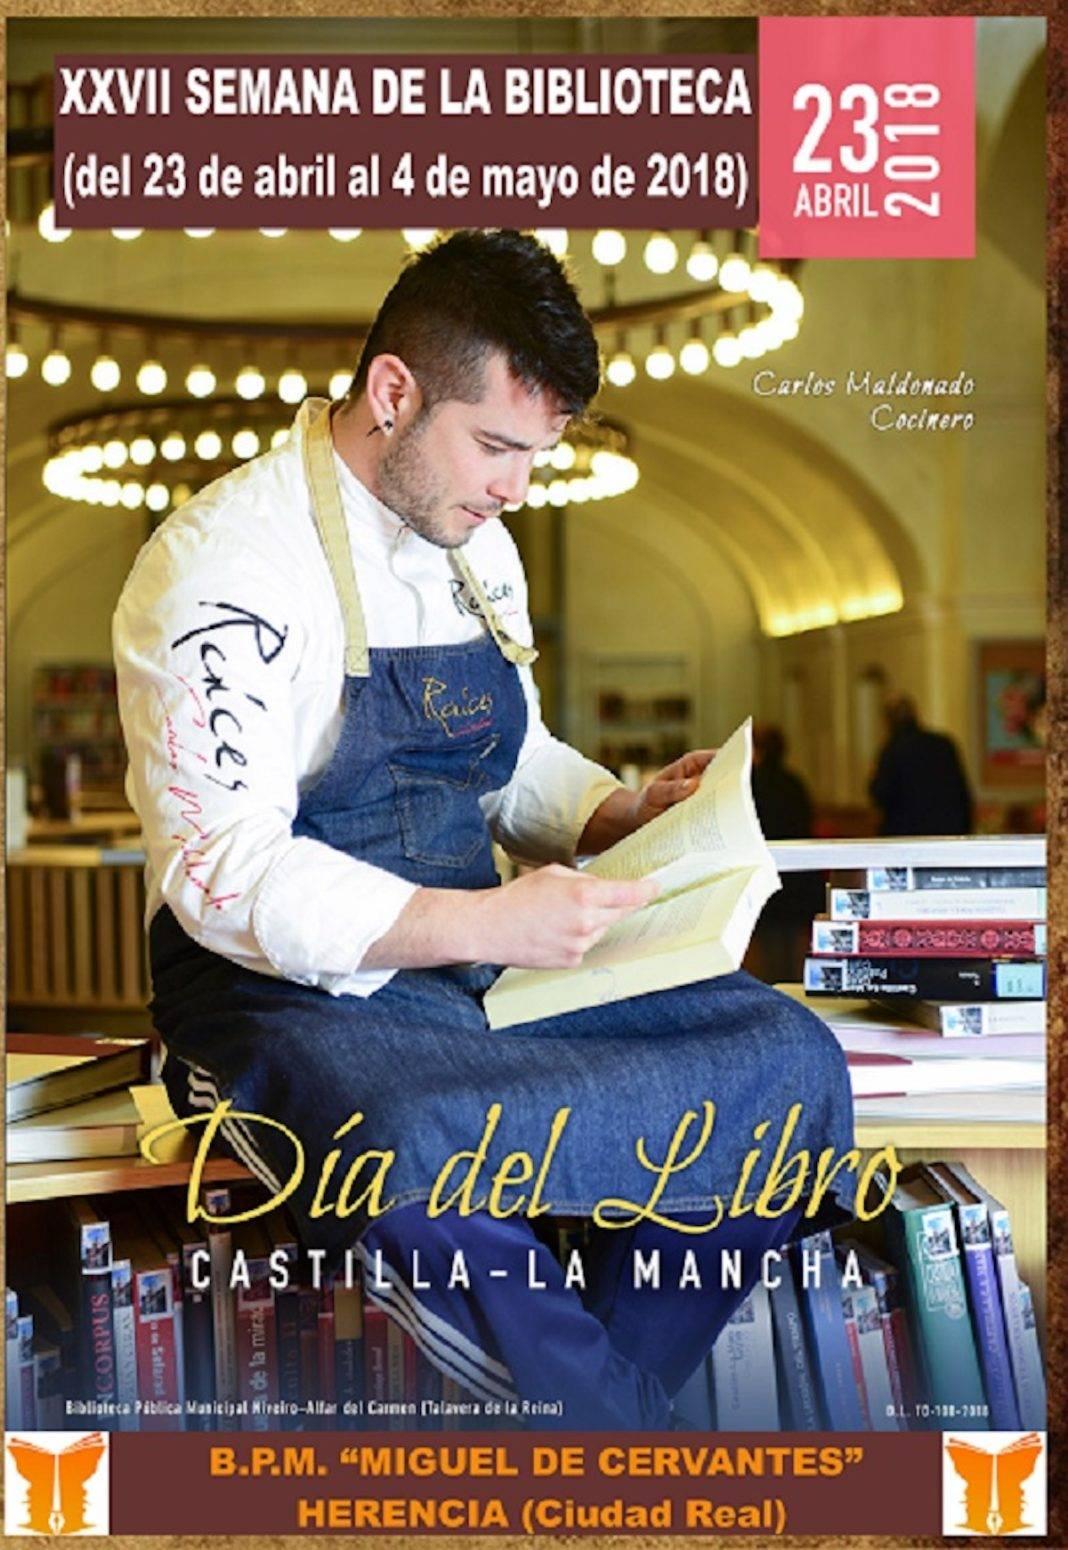 dia del libro 2018 herencia 1068x1550 - XXVII Semana de la Biblioteca en Herencia